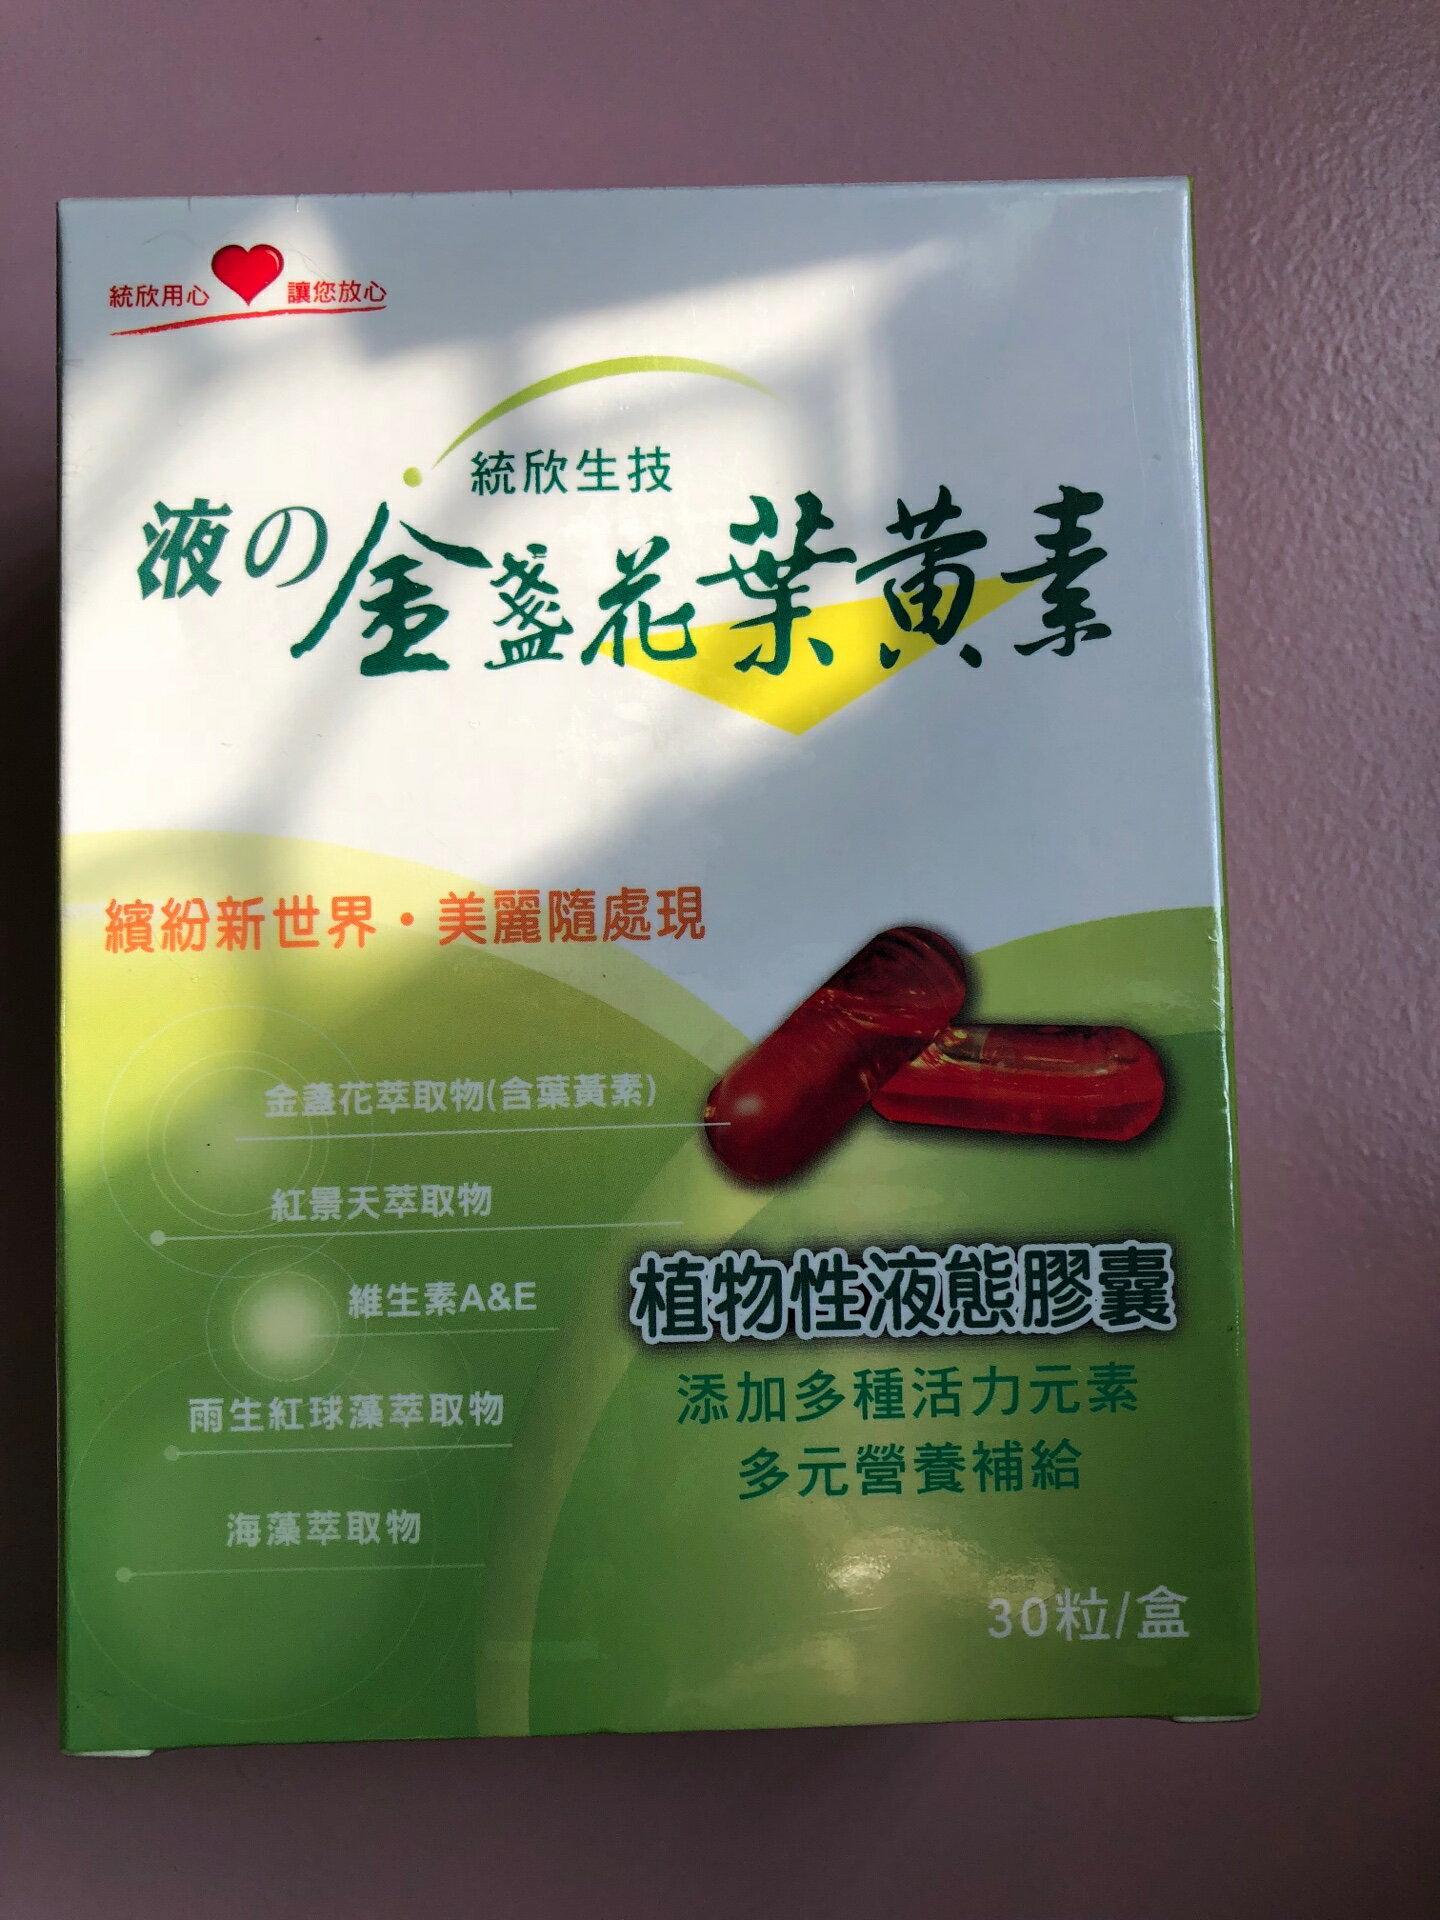 統欣生技 葉黃素膠囊(30粒/盒) /金盞花液態葉黃素30粒【淨妍美肌】